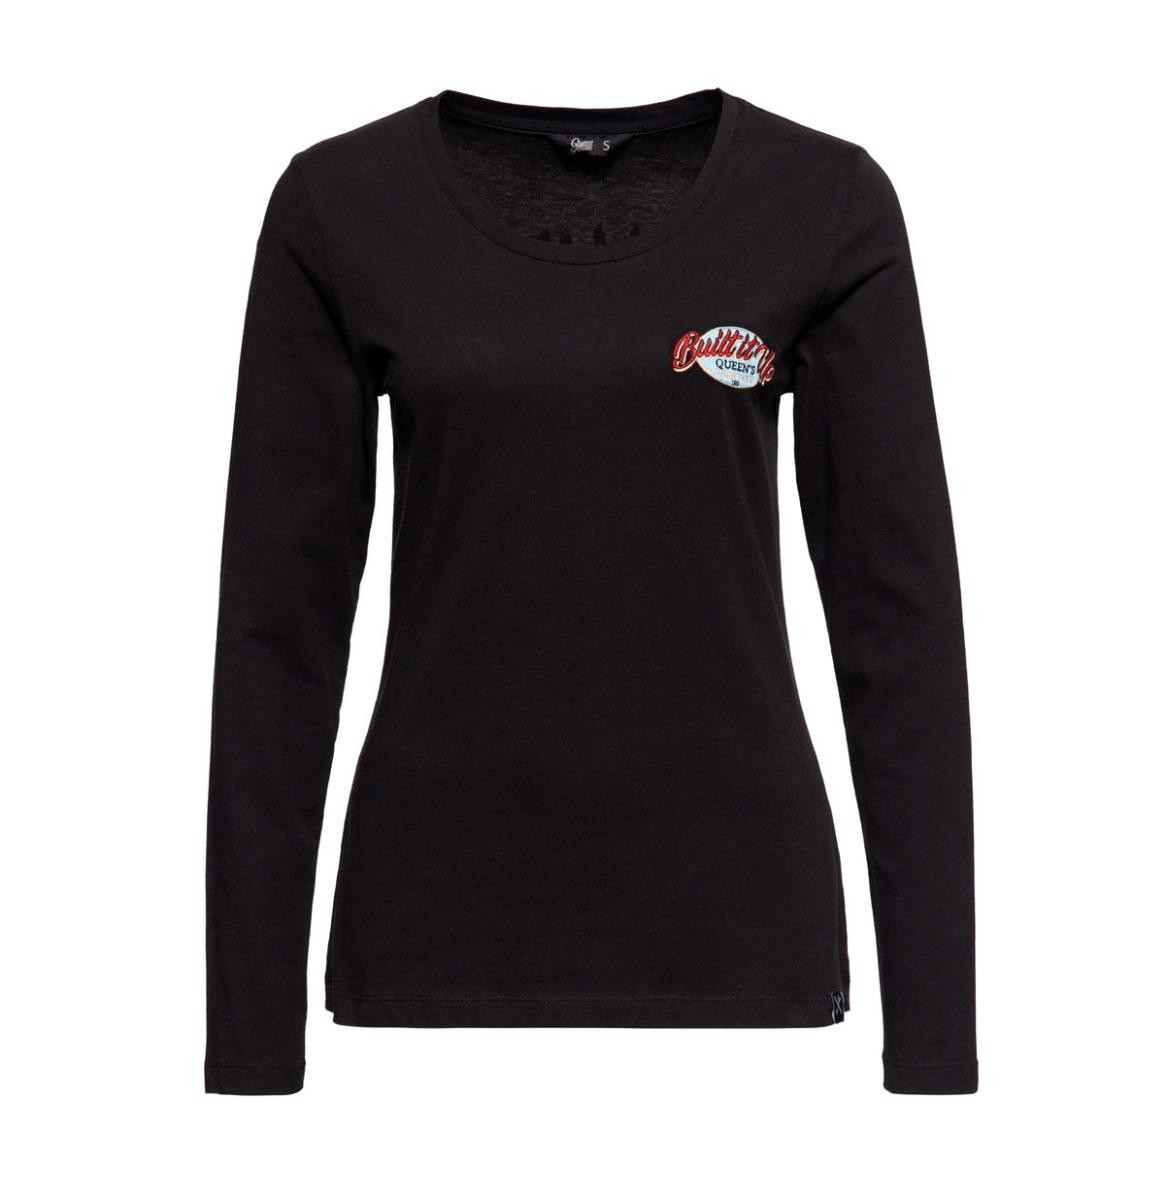 Queen Kerosin Built Up Lange Mouwen Shirt Zwart